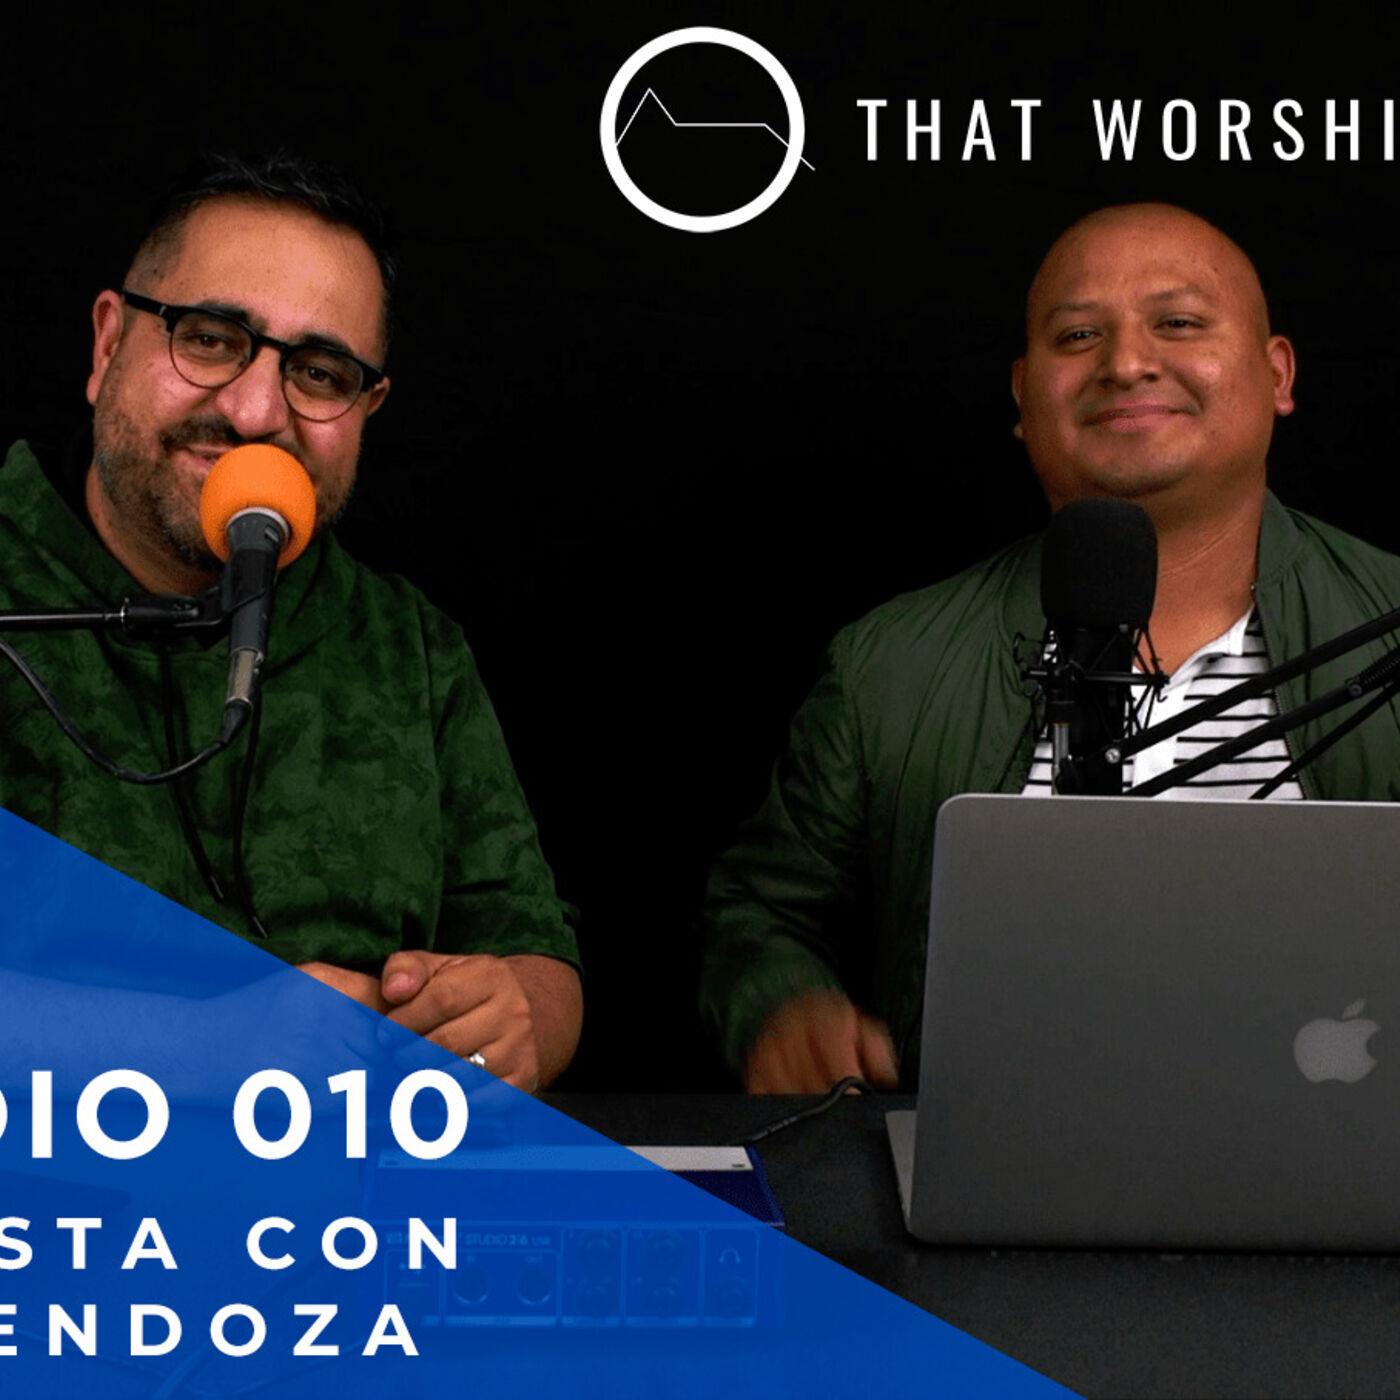 La Cabina Tecnoiglesia Podcast #010 -Entrevista con Abel Mendoza de thatworshipsound.com